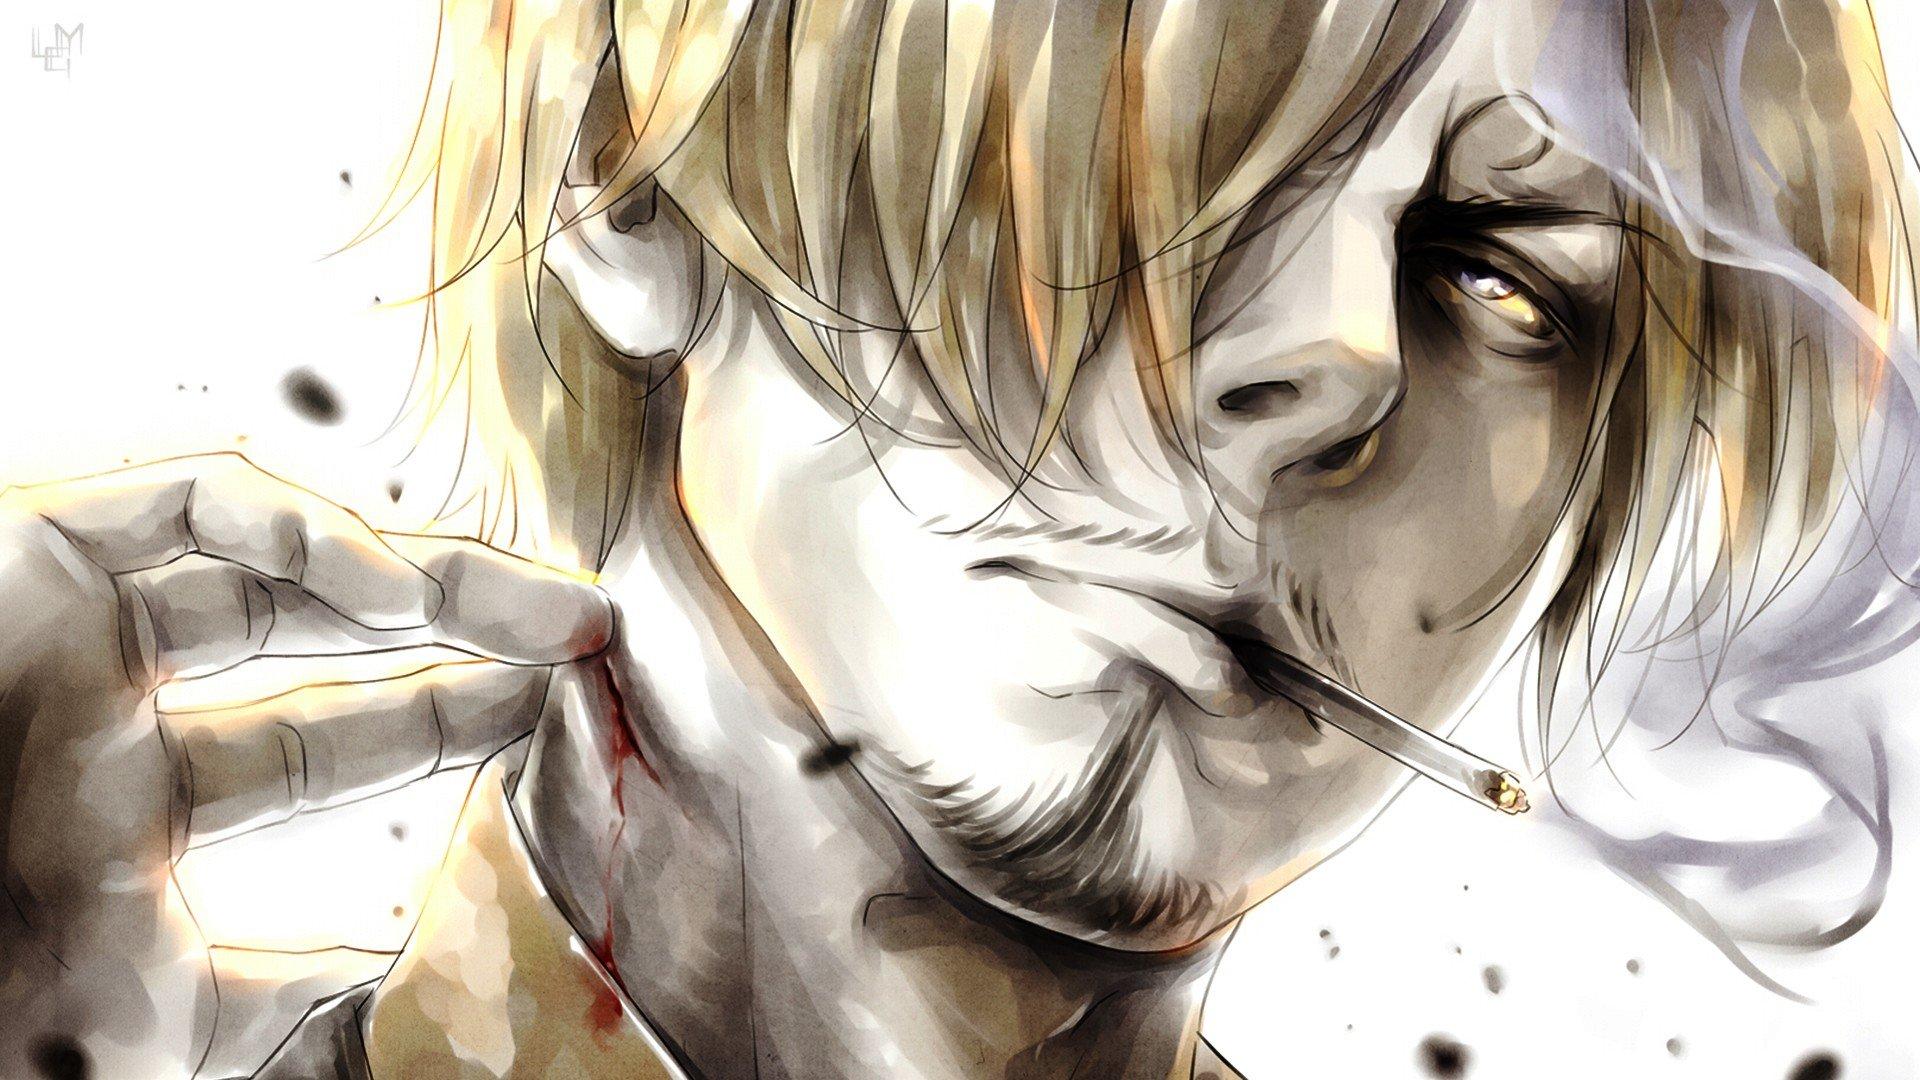 1920x1080 Px One Piece Sanji